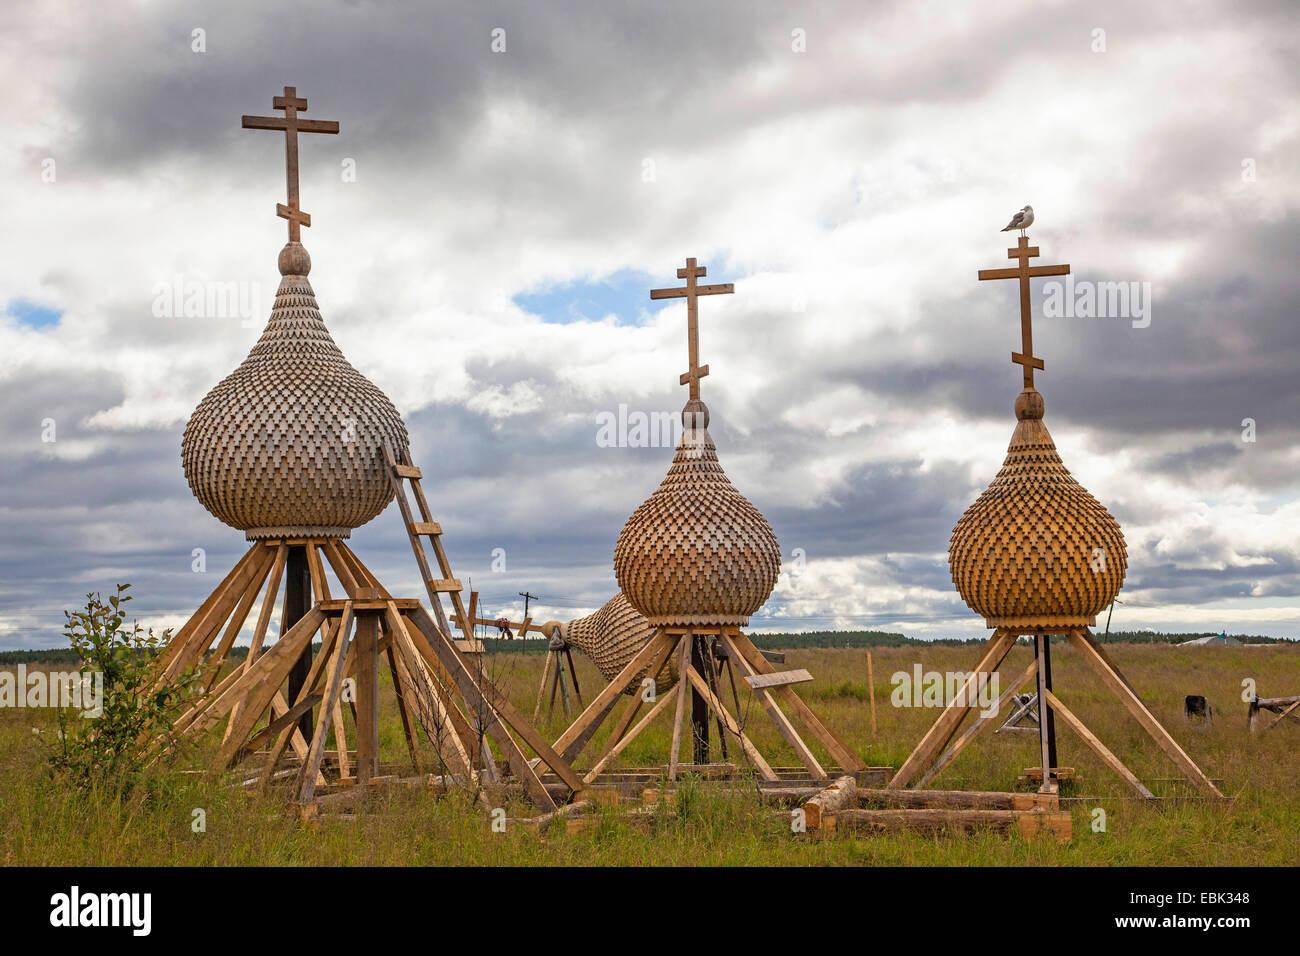 Pour l'église en bois atelier orthodoxe de dômes, de la Russie, de l'Oblast de Mourmansk, Kola, Photo Stock